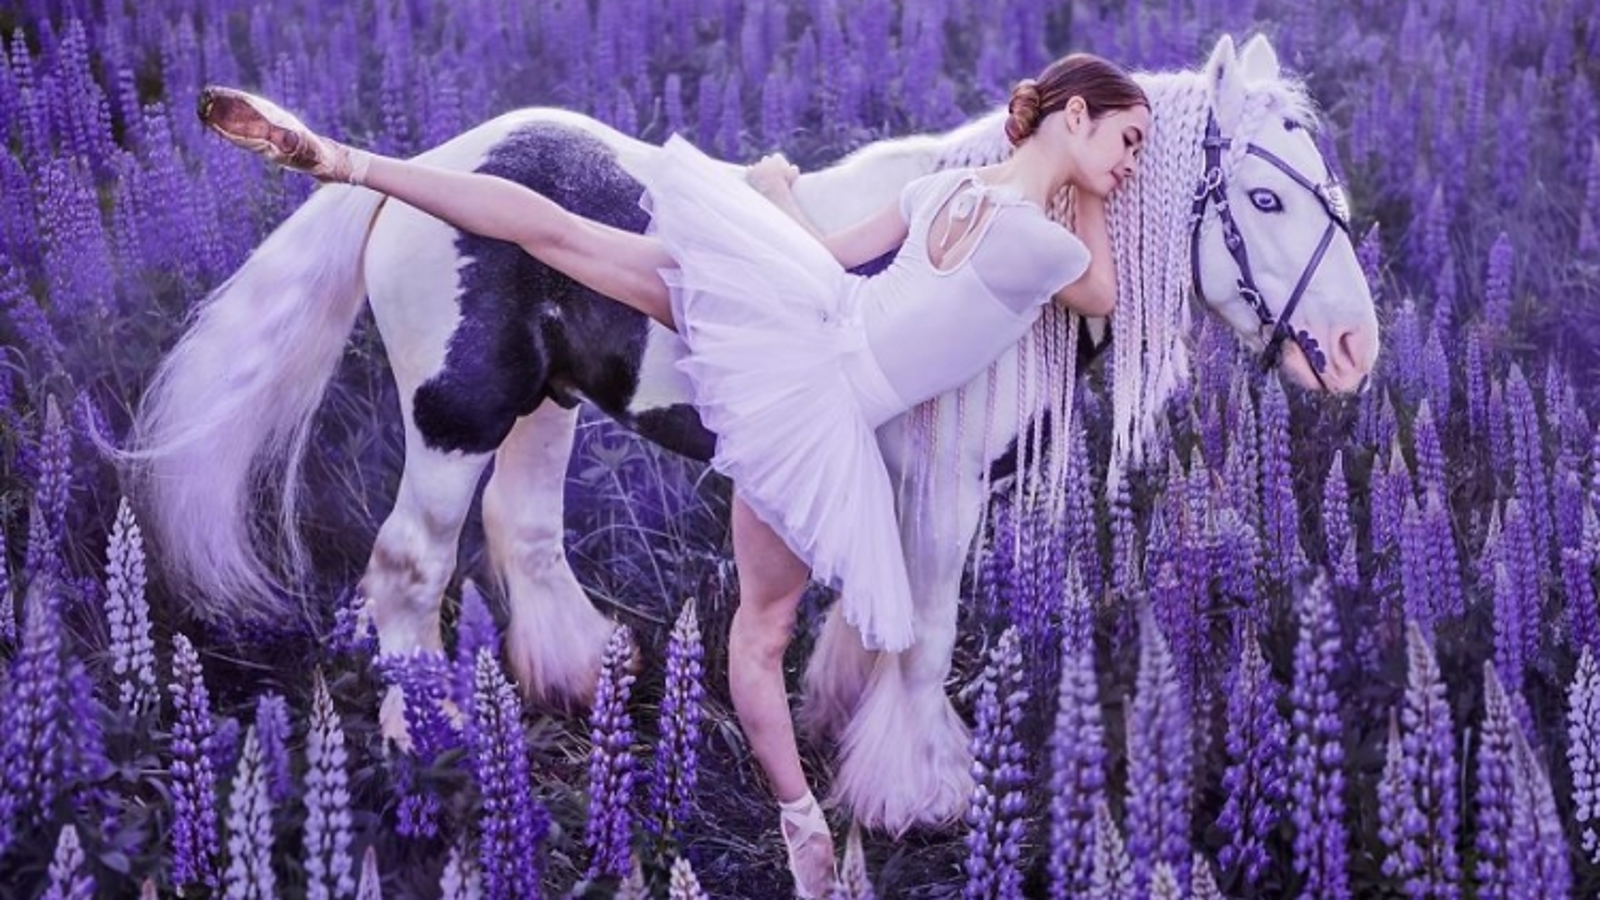 Sững sờ ngắm vũ điệu của con người hoà vào vẻ đẹp của thiên nhiên